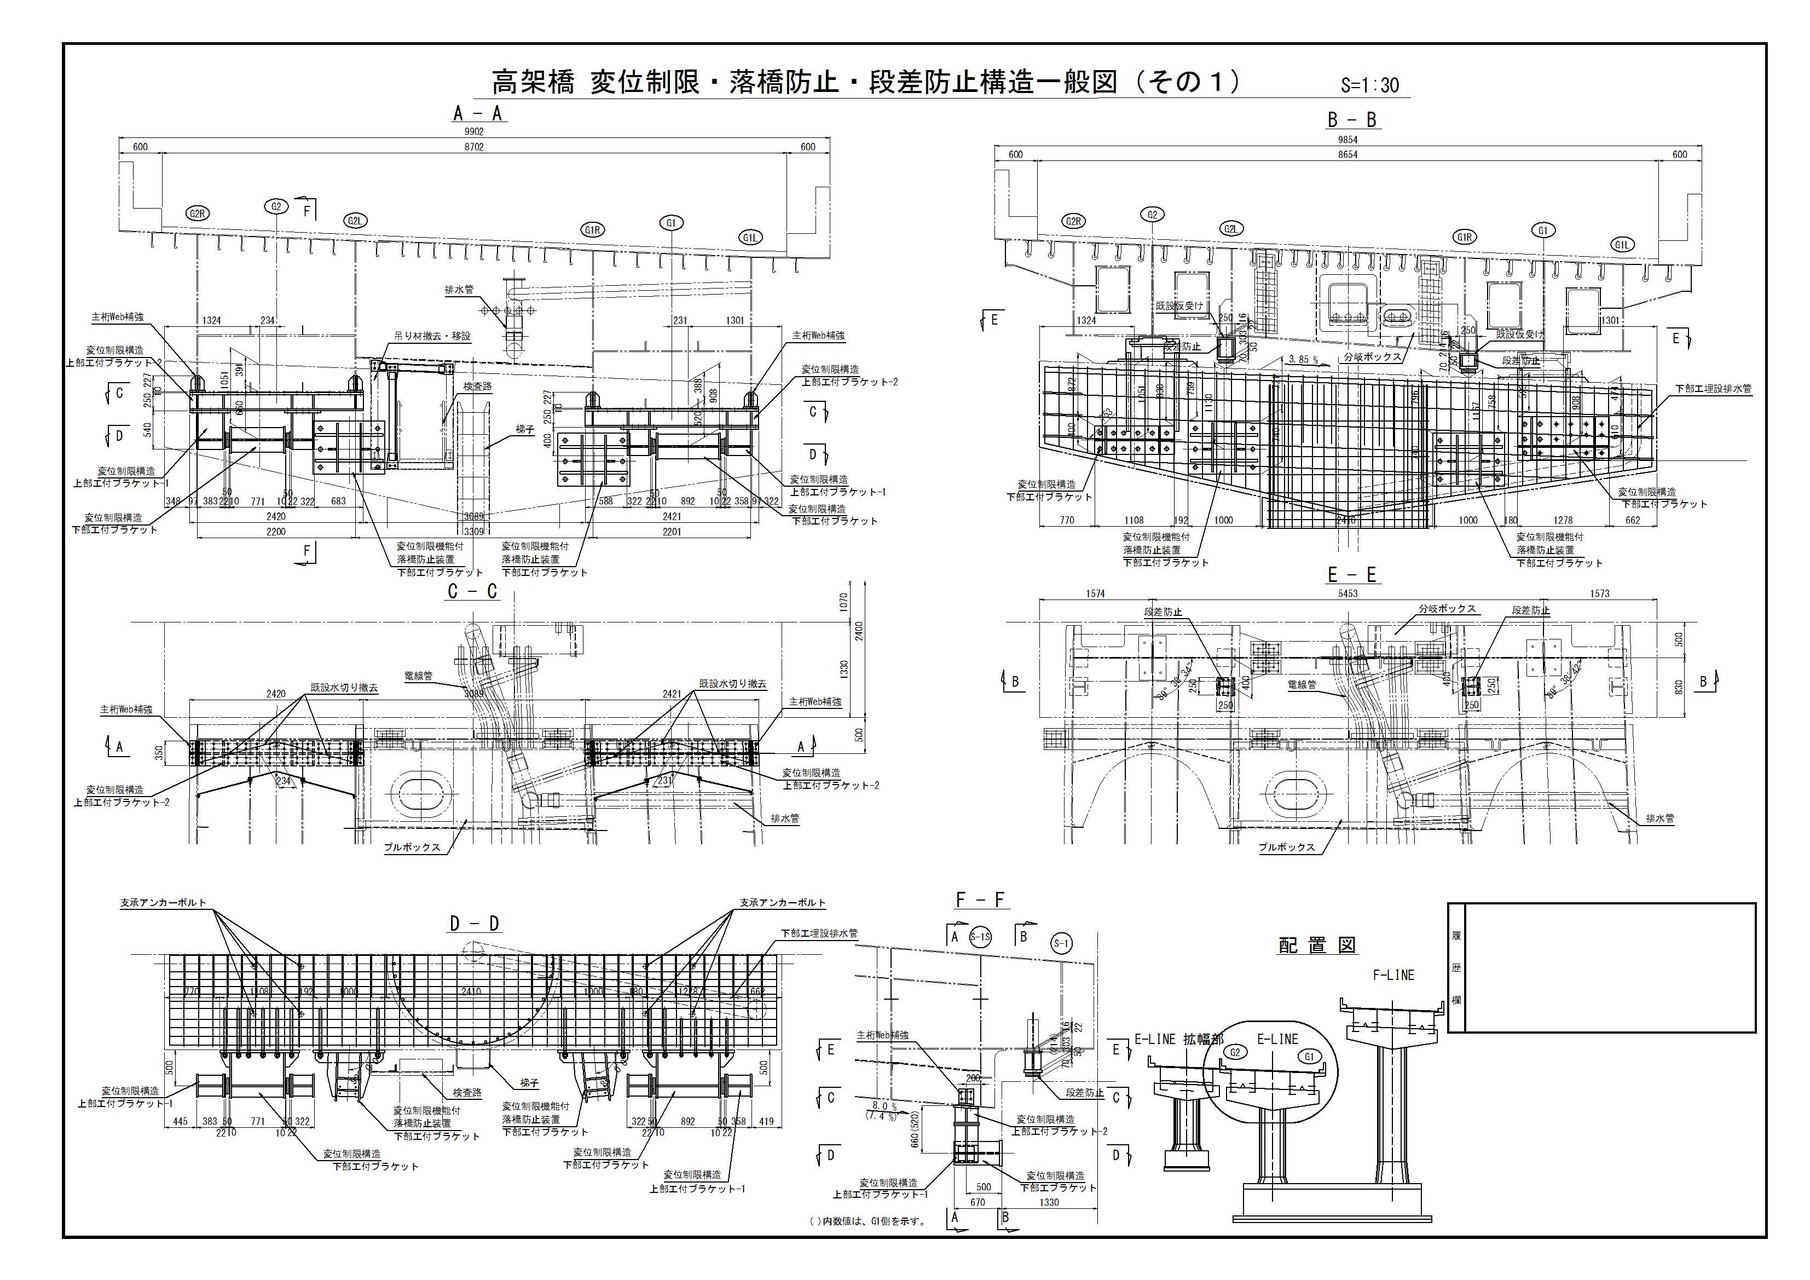 ○動的解析を伴う耐震補強設計・・・高架橋の変位制限・落橋防止・段差防止構造一般図